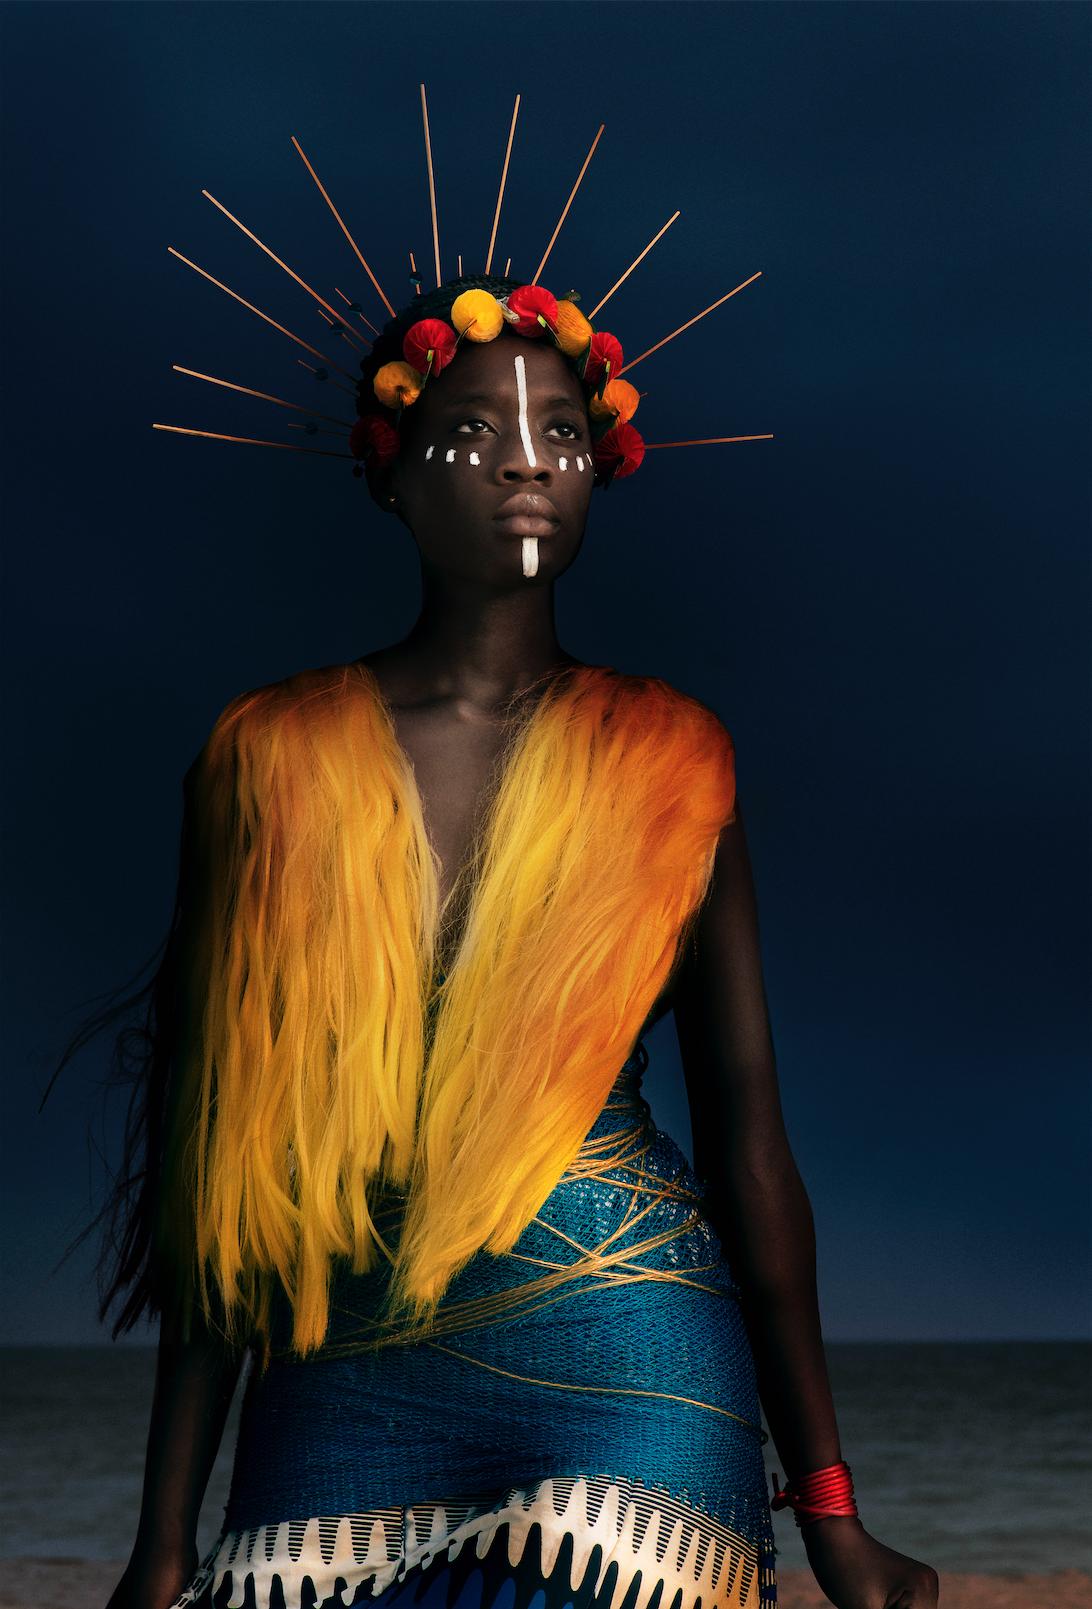 Mamiwata_Weke_Benin_68x100cm_NamsaLeuba_2017.png